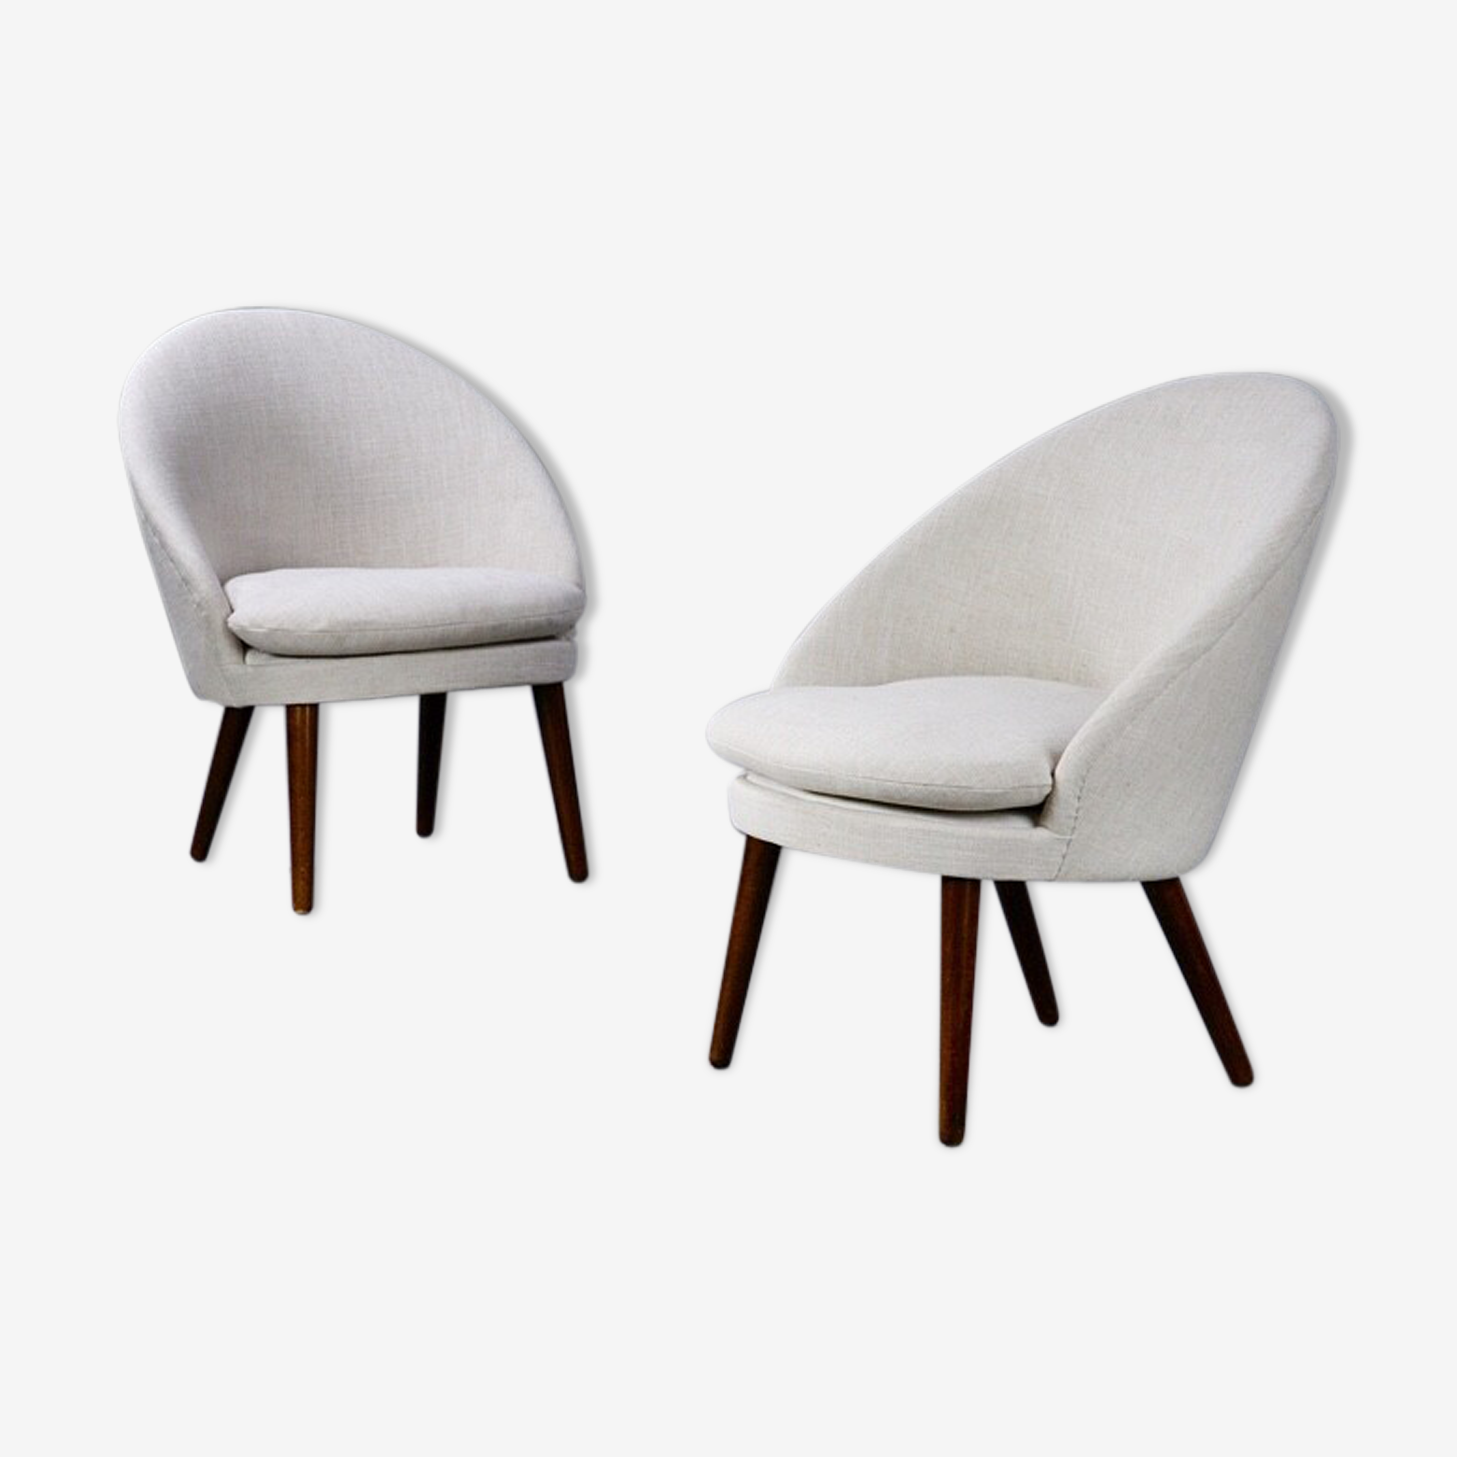 Paire de fauteuils danois de Ejvind A. Johansson - 1970